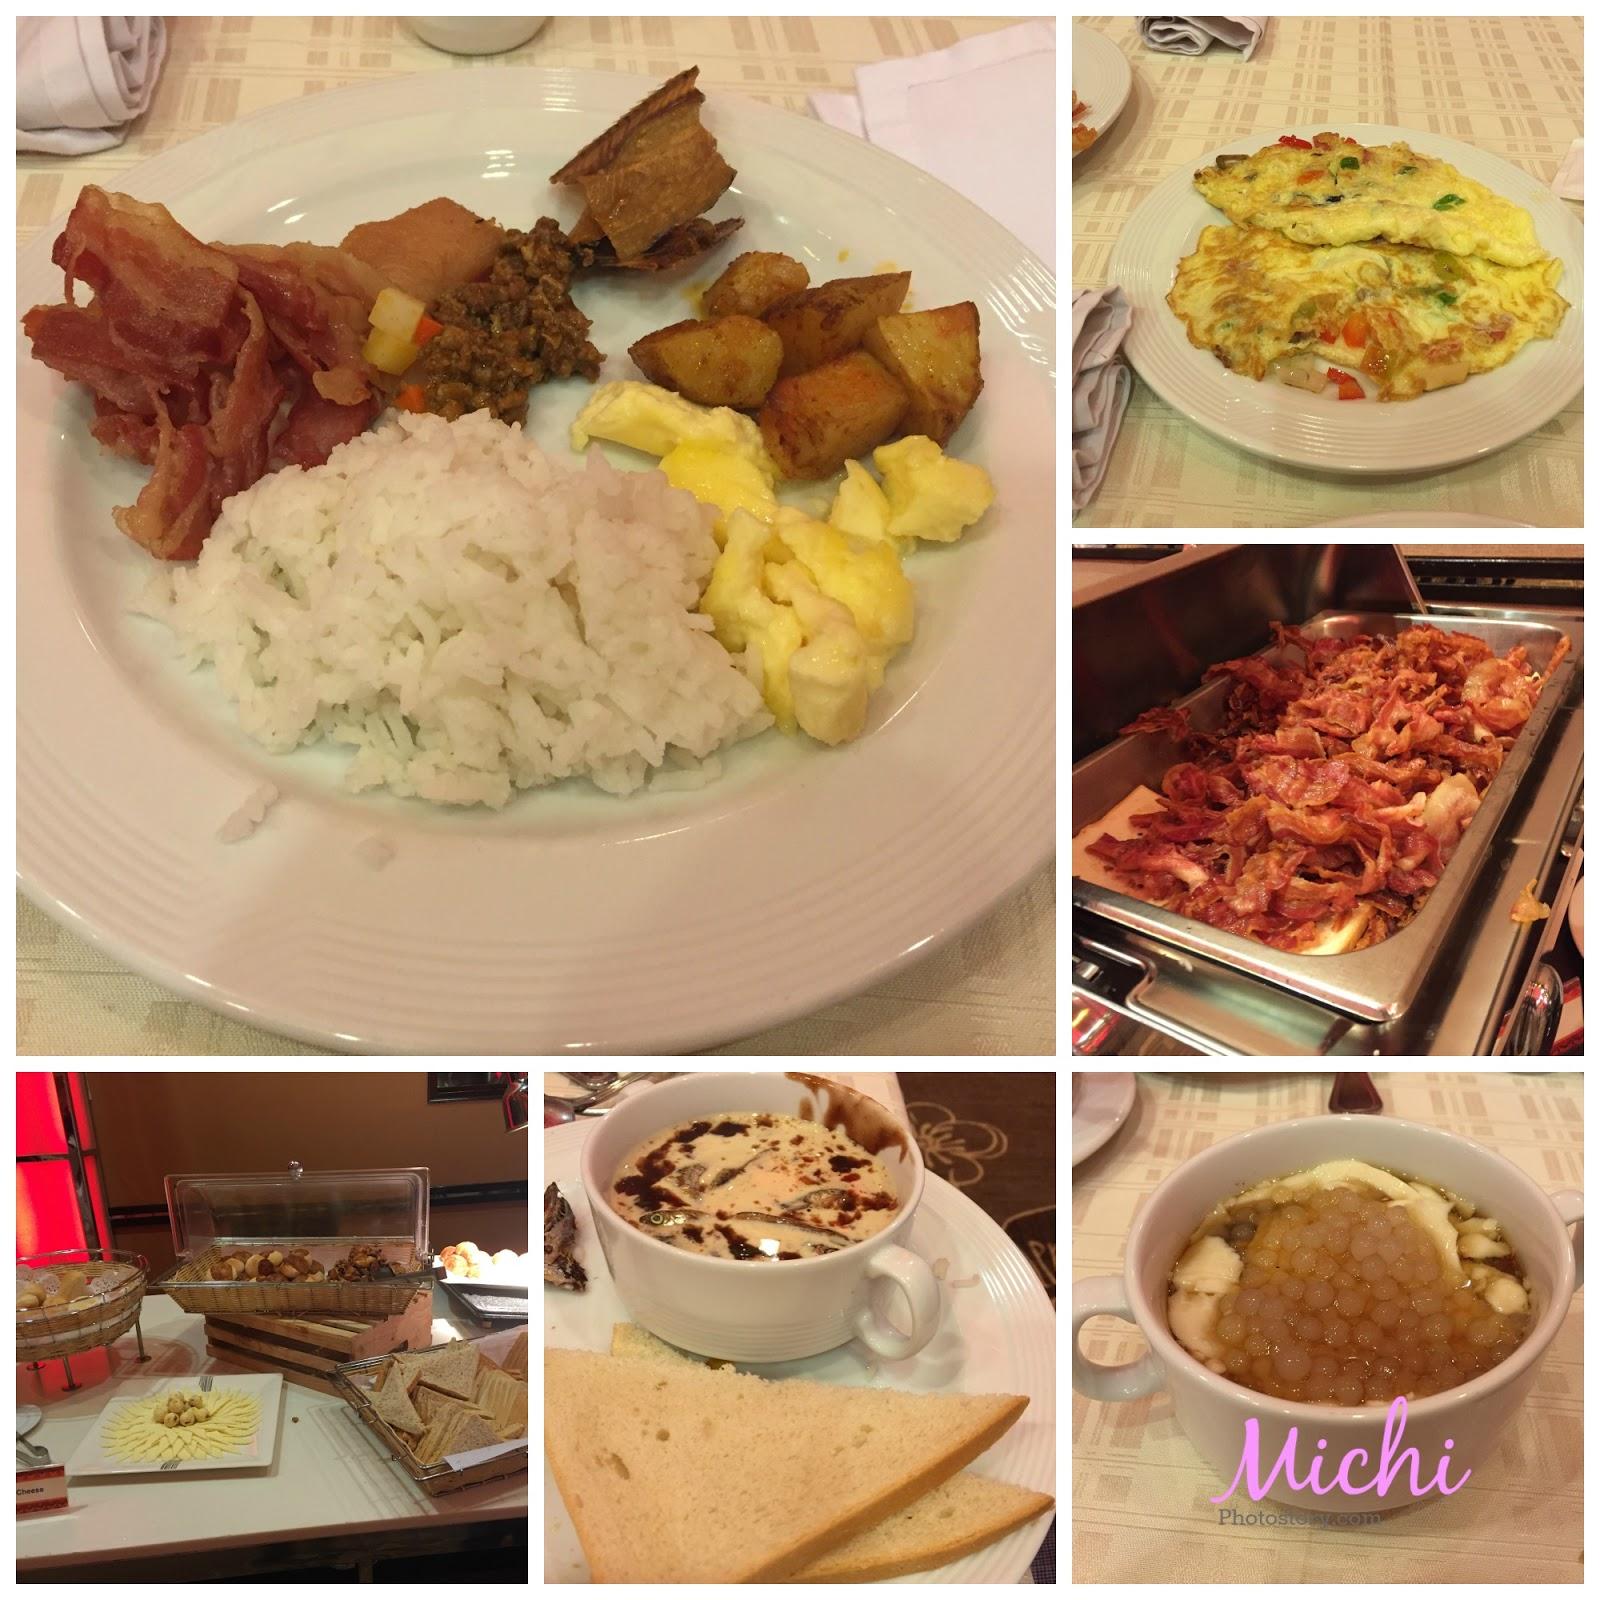 Michi Photostory: Christmas at Taal Vista Hotel